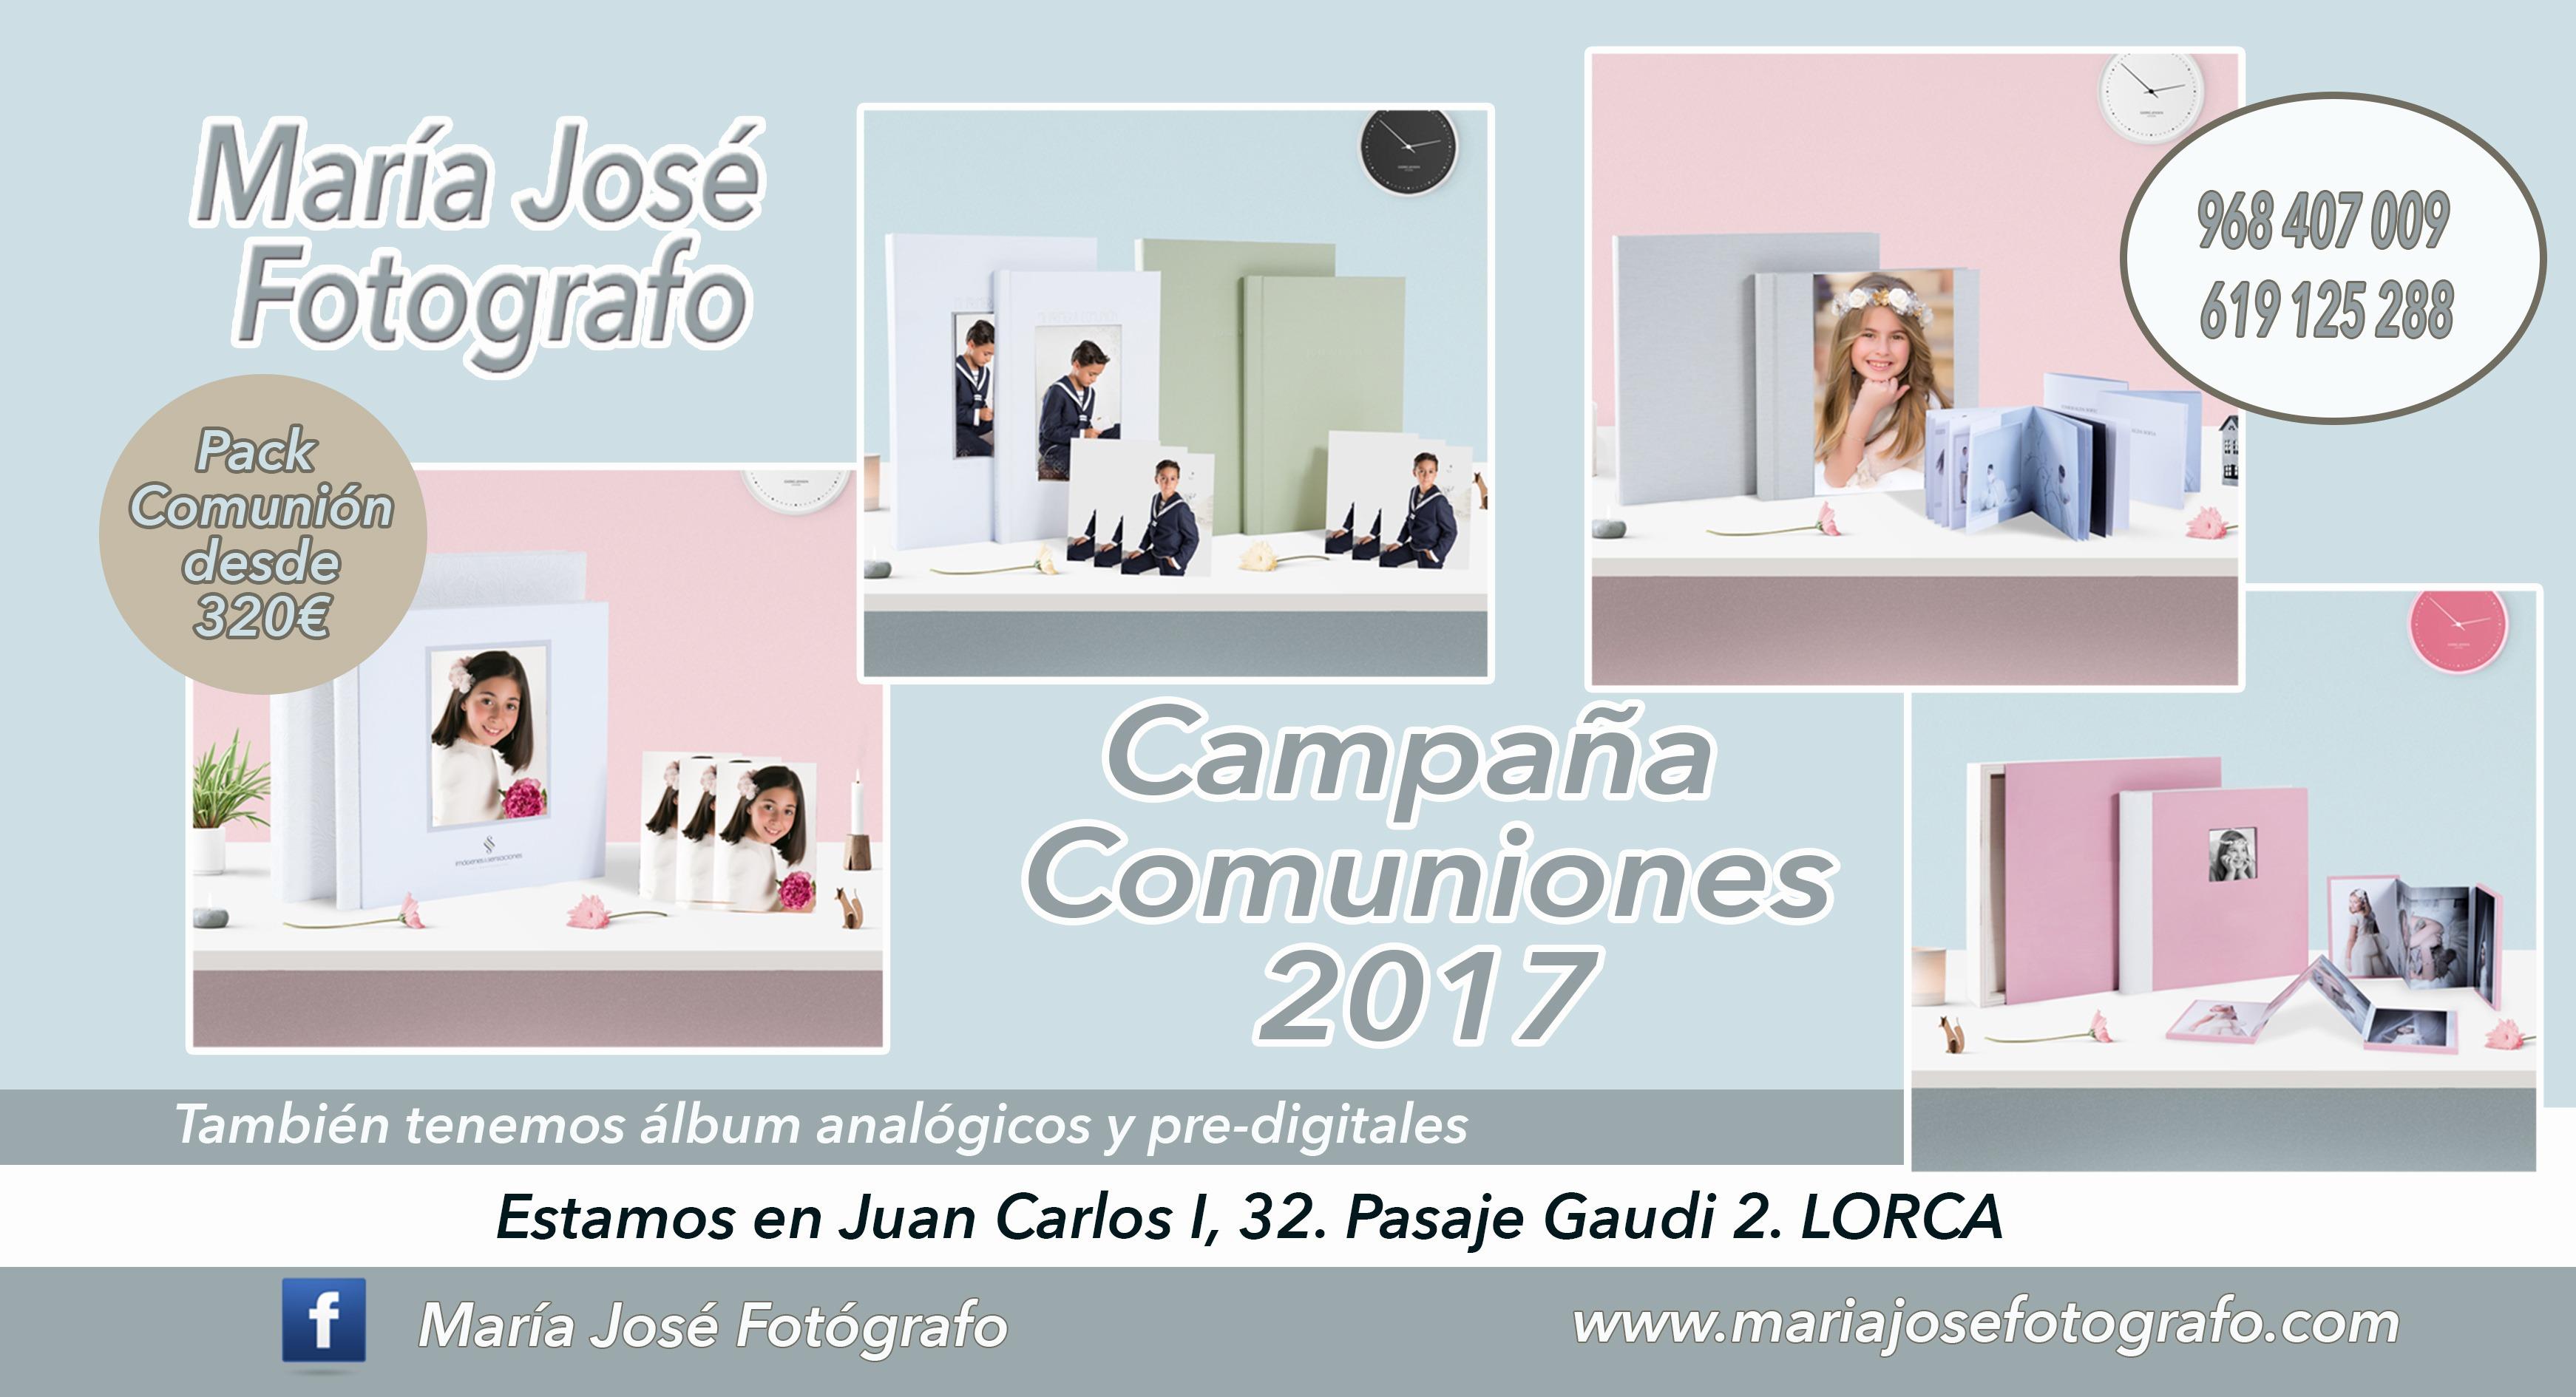 Packs-Comunion-2017-